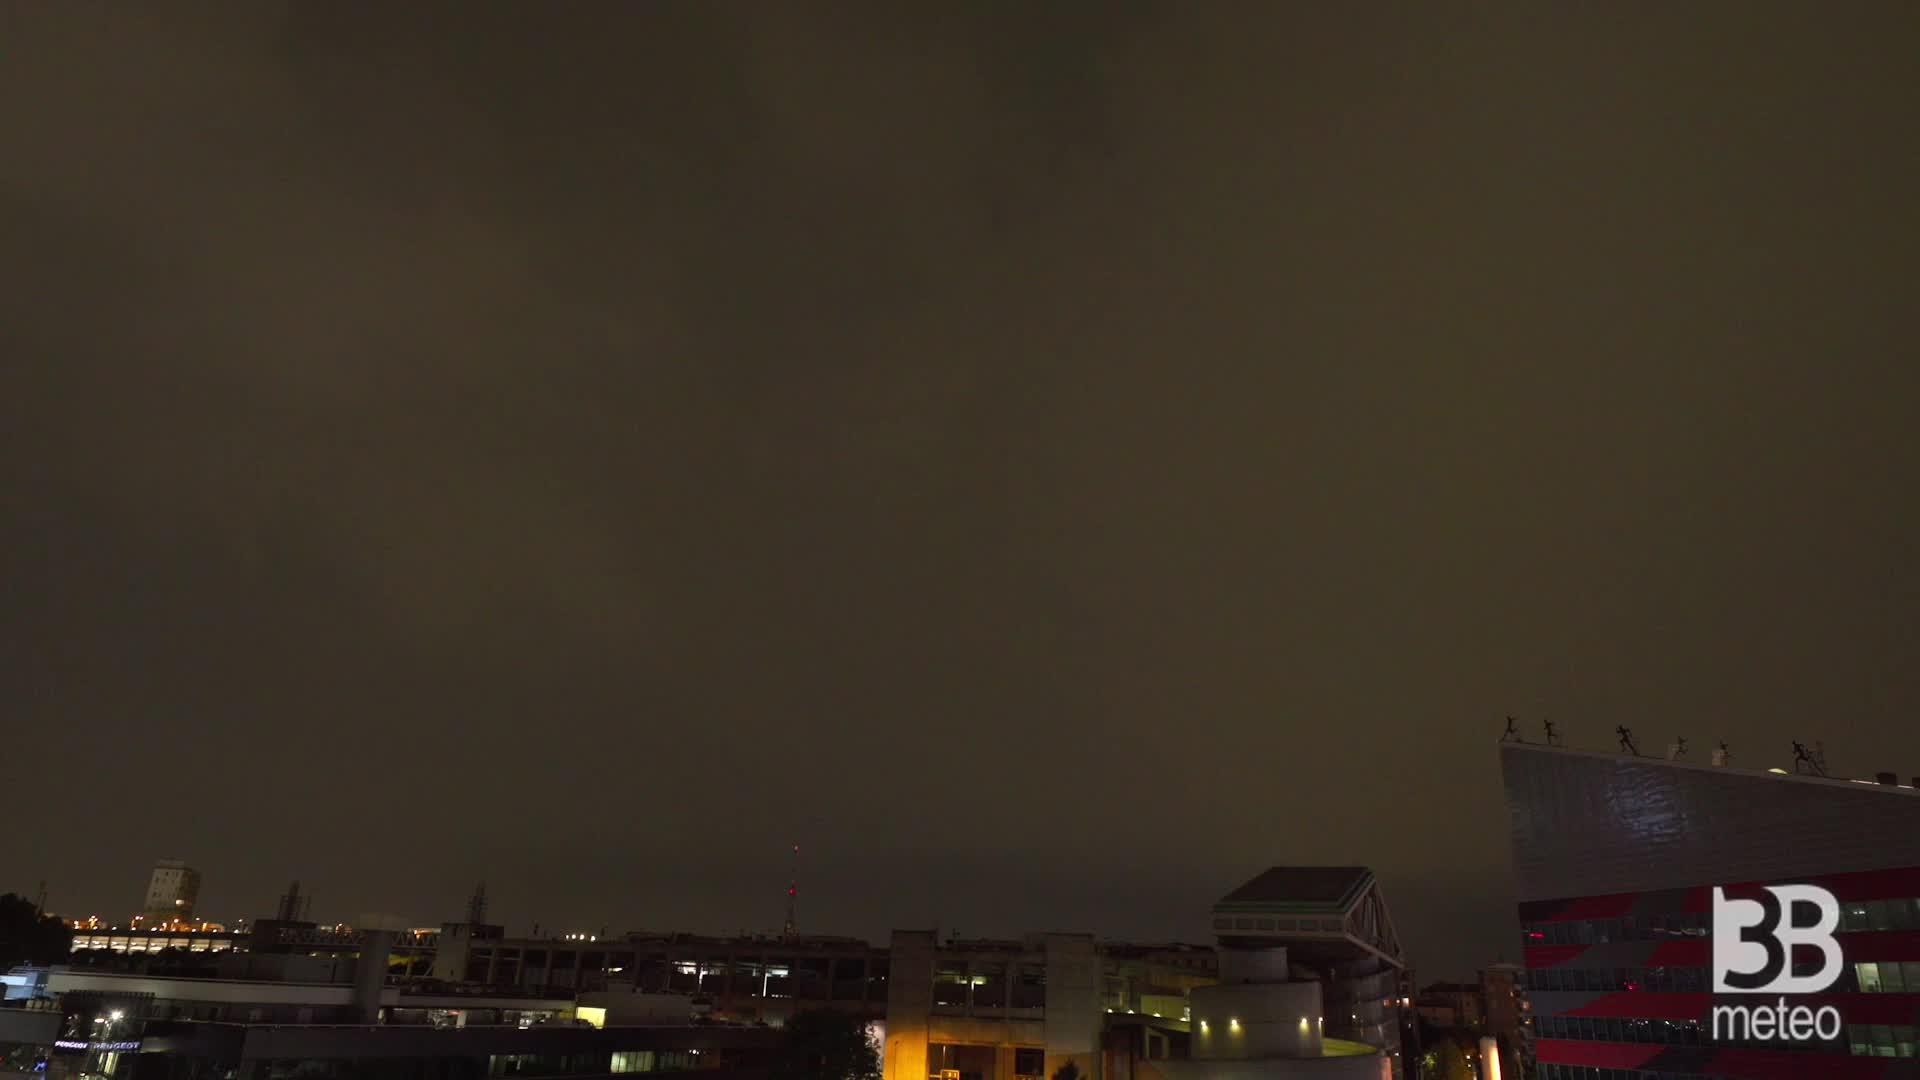 Cronaca METEO VIDEO - Milano, temporale serale: tempesta di fulmini